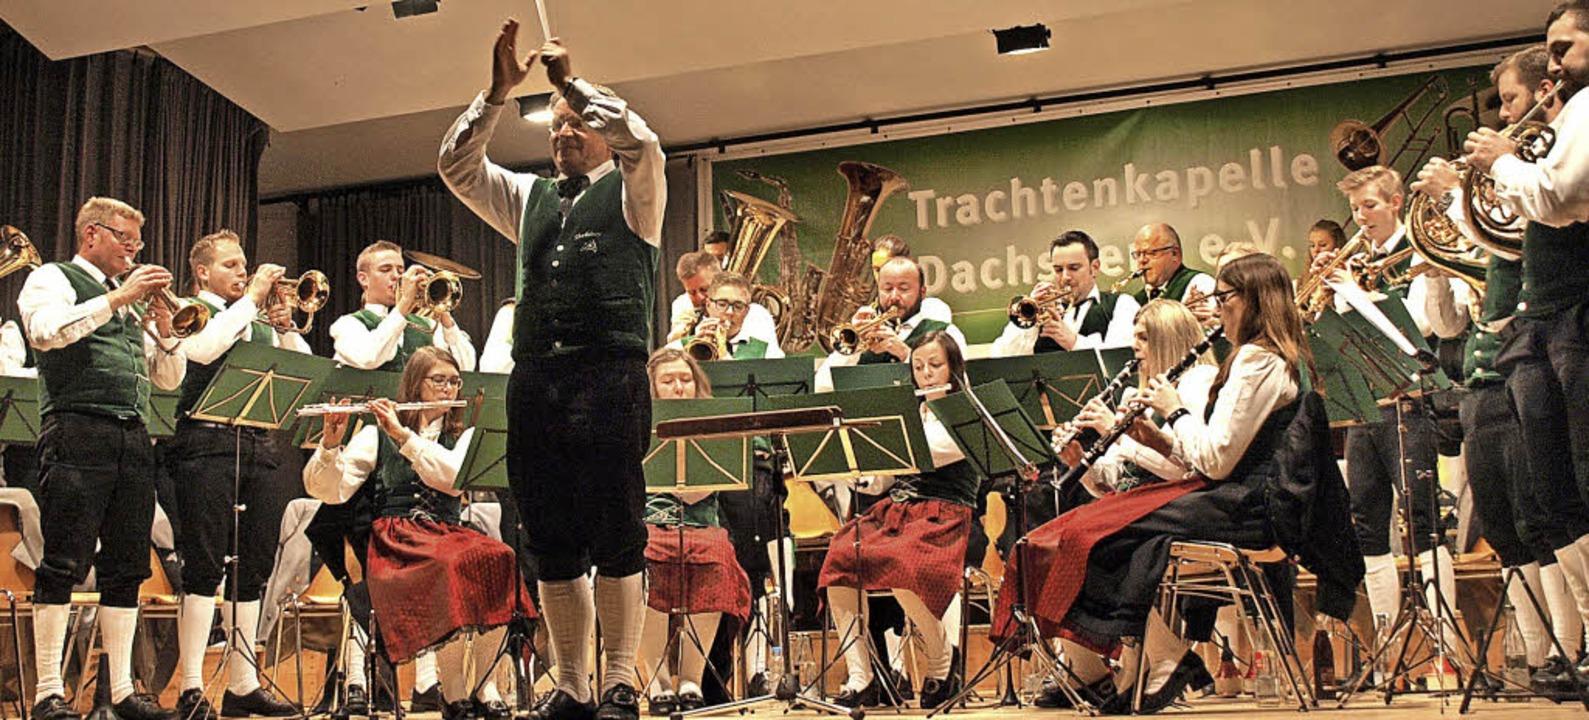 Etliche kleine Soloauftritte hatte das...für die vier Posaunisten des Ensembles  | Foto: Karin Stöckl-Steinebrunner